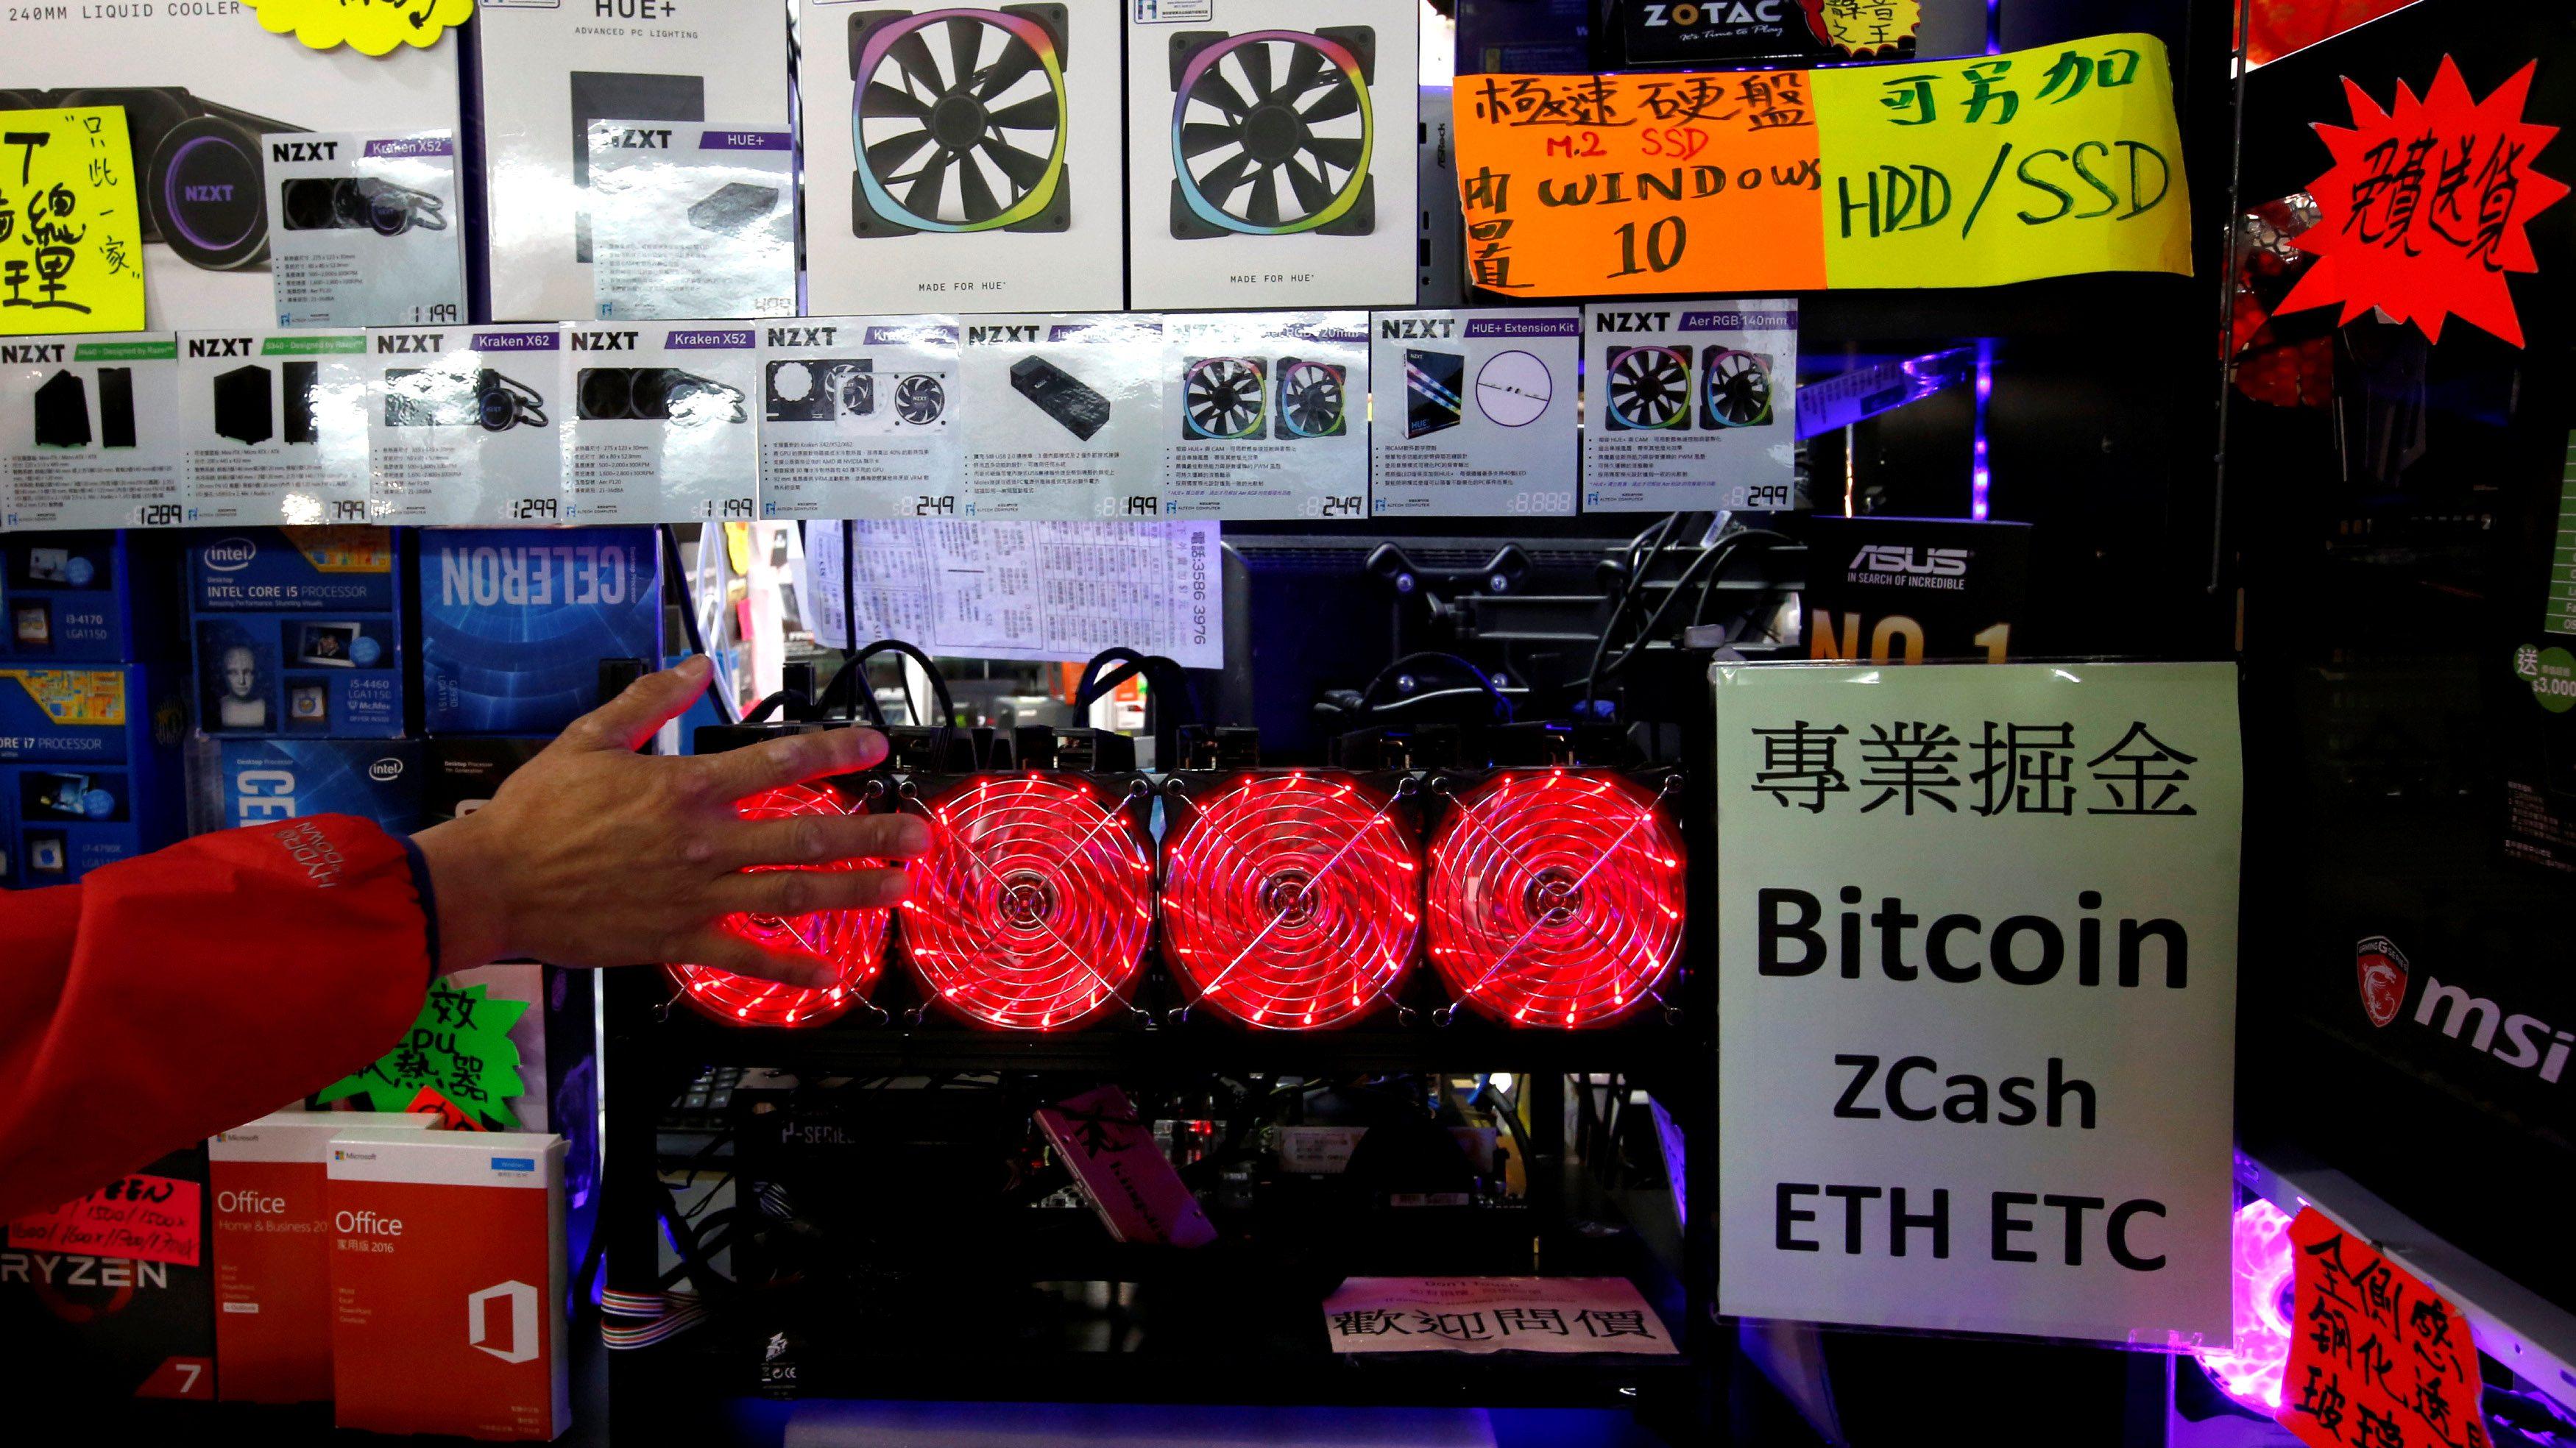 Bitcoin & co: in India una legge contro le crypto